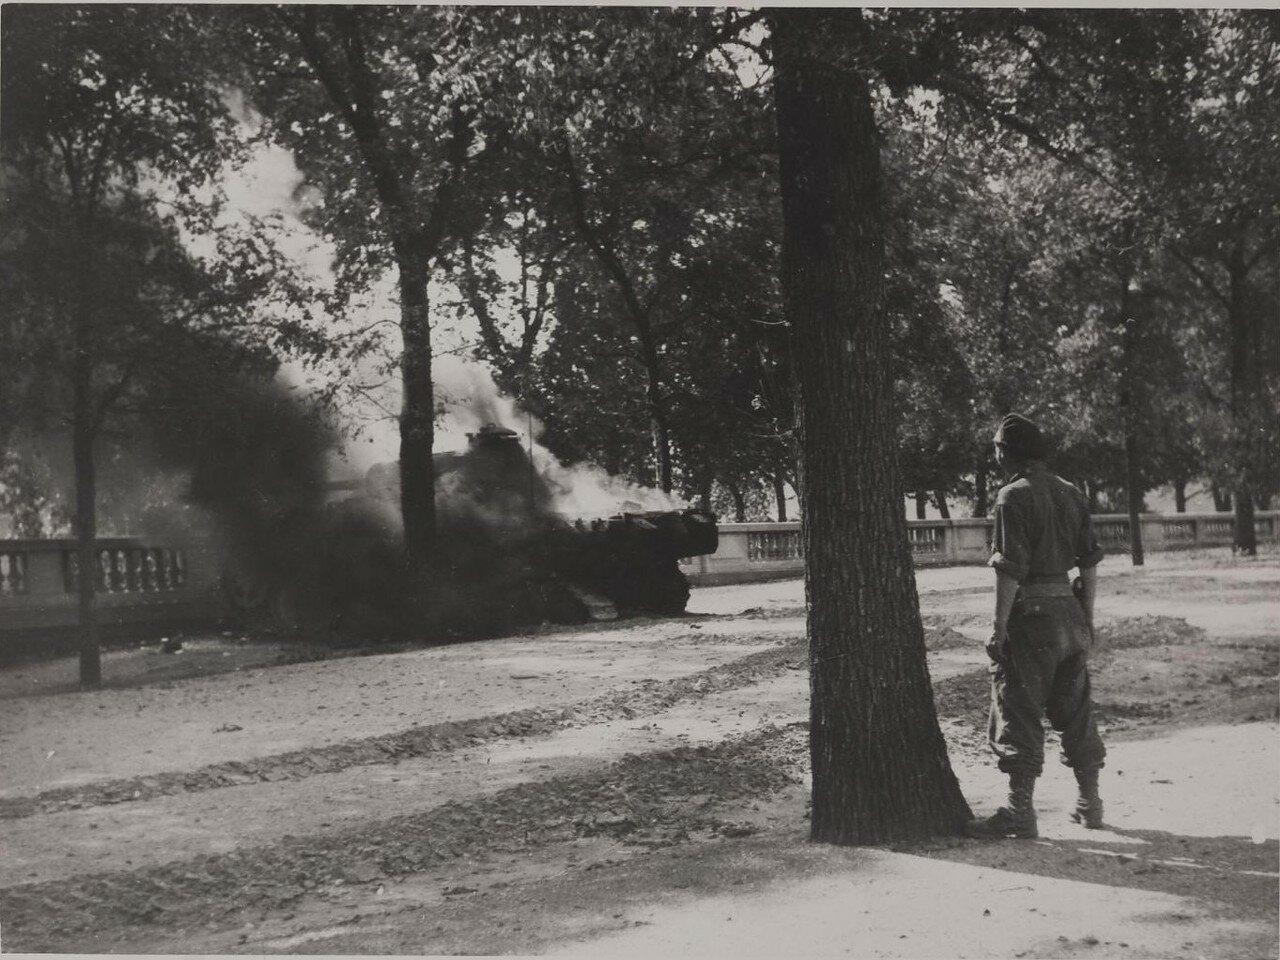 25 августа. Подбитый немецкий танк Пантера в саду Тюильри